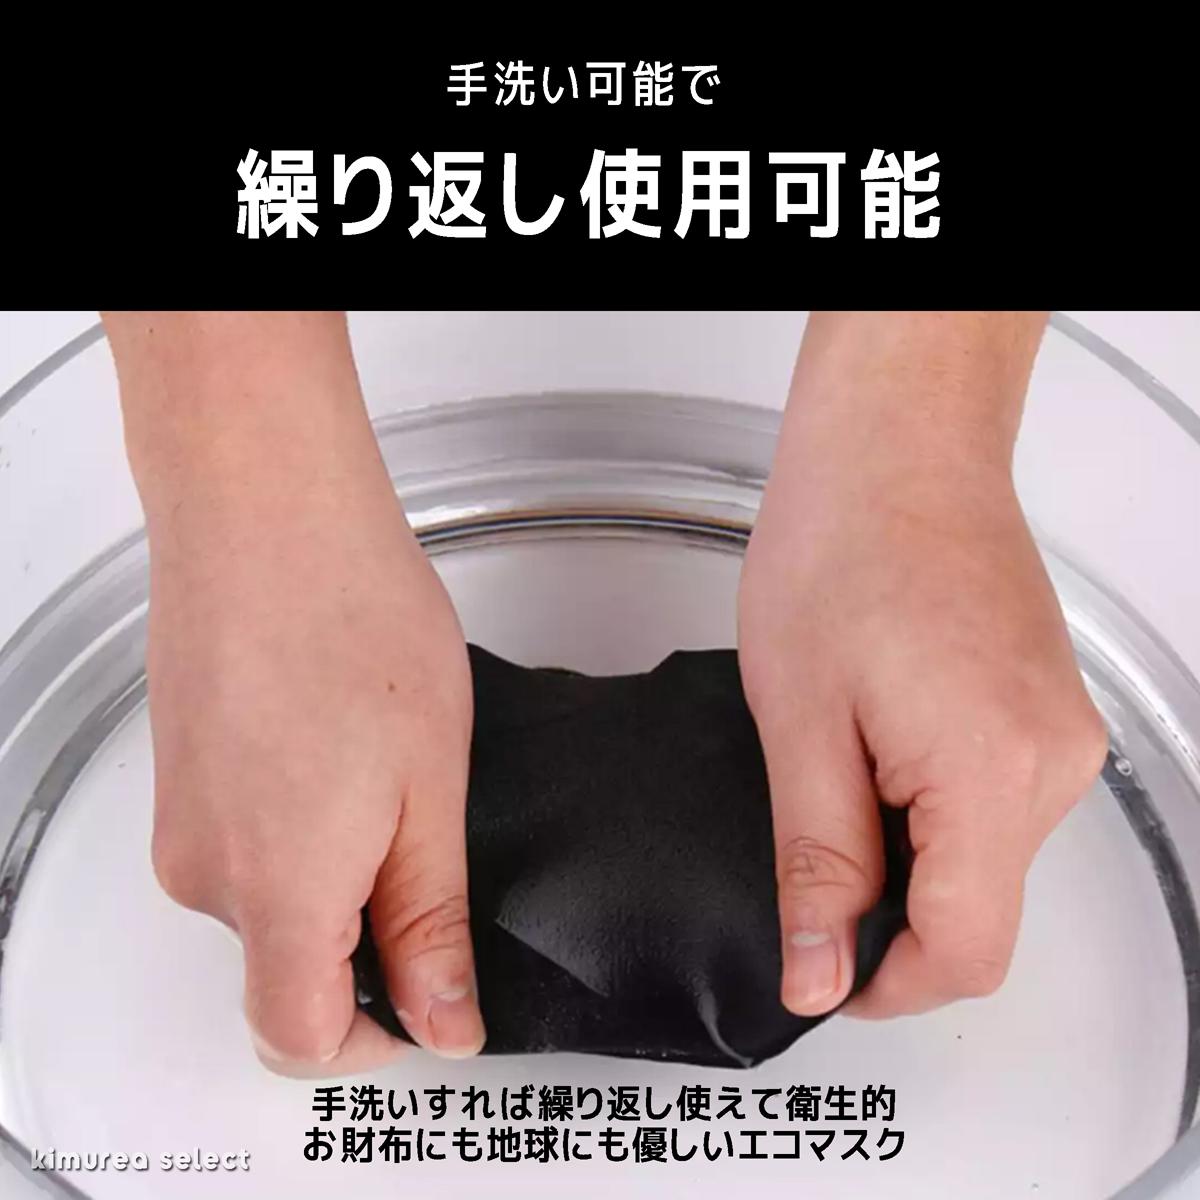 PRADA dustproof windproof reusable facemask